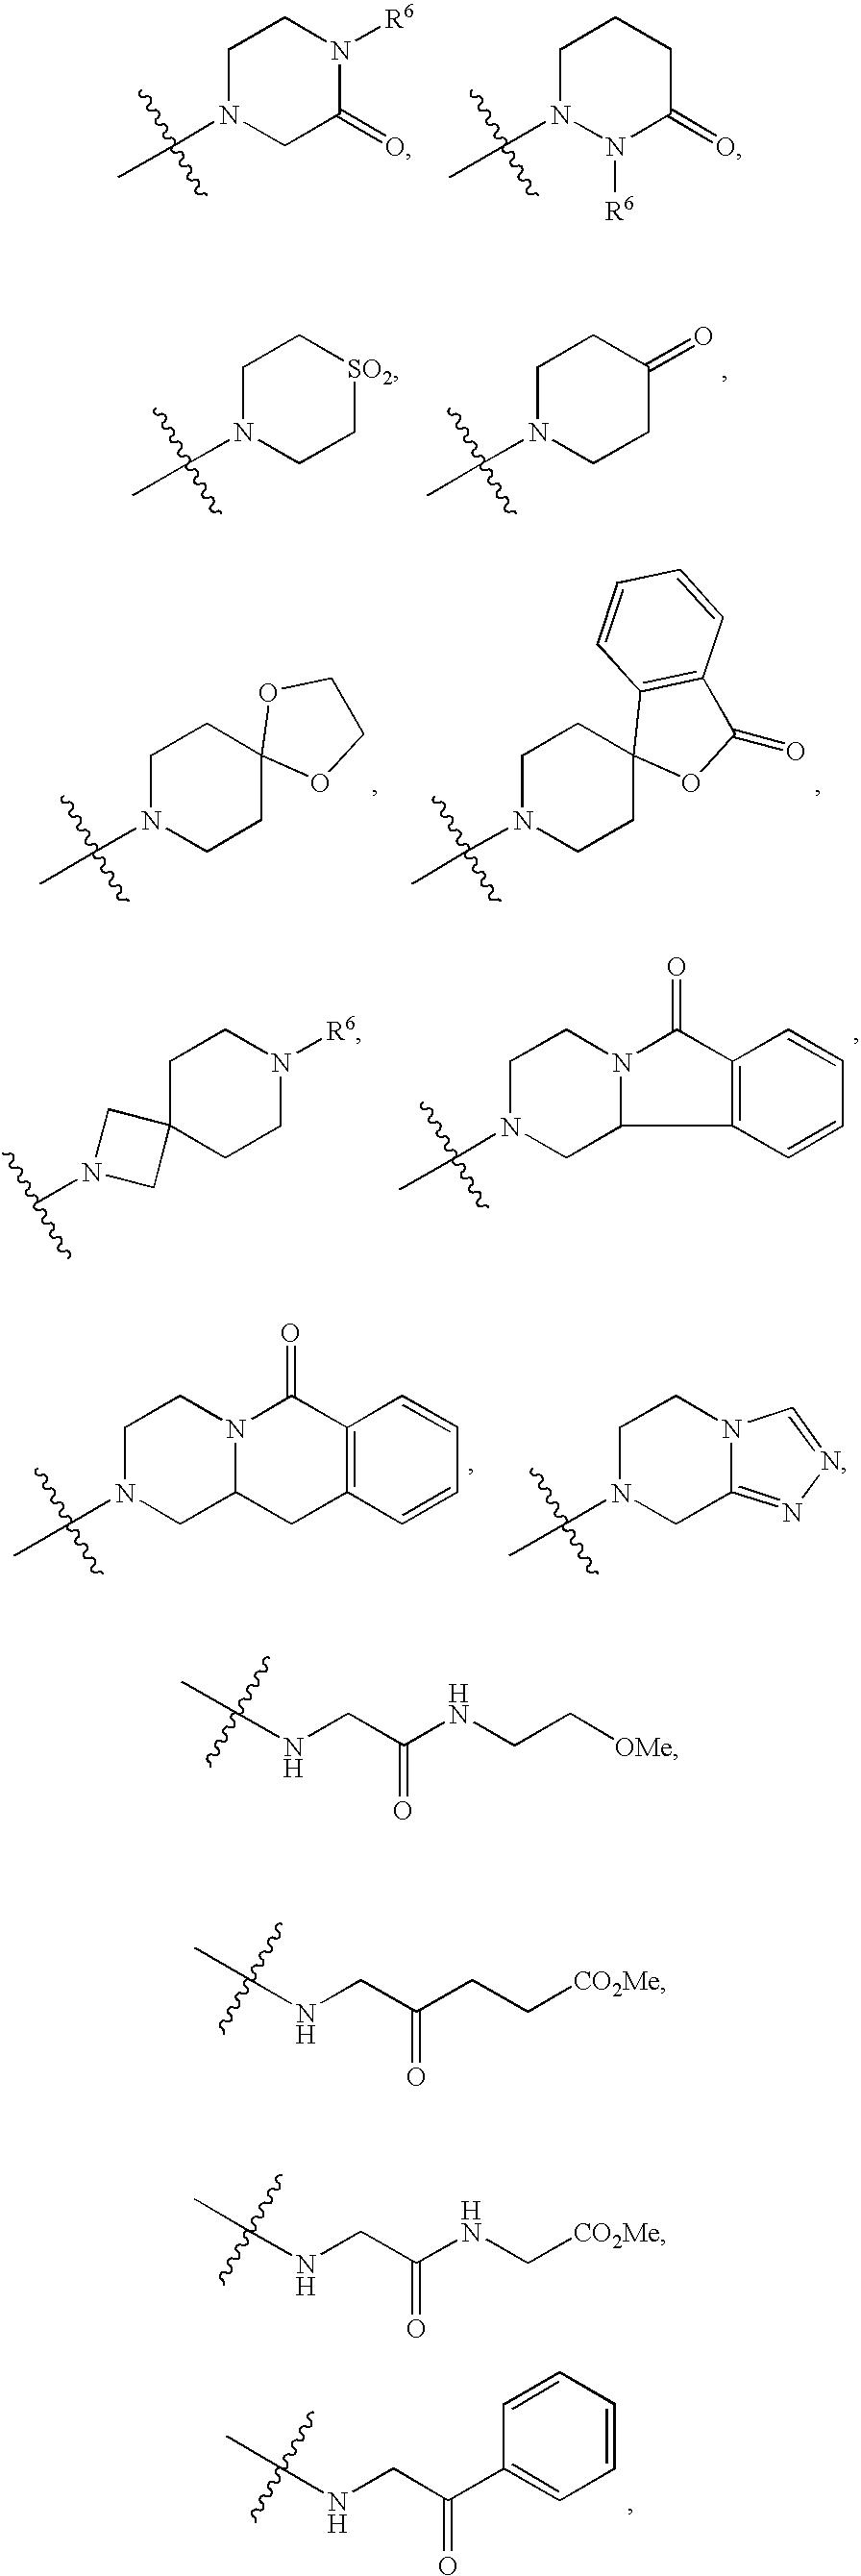 Figure US07473688-20090106-C00010